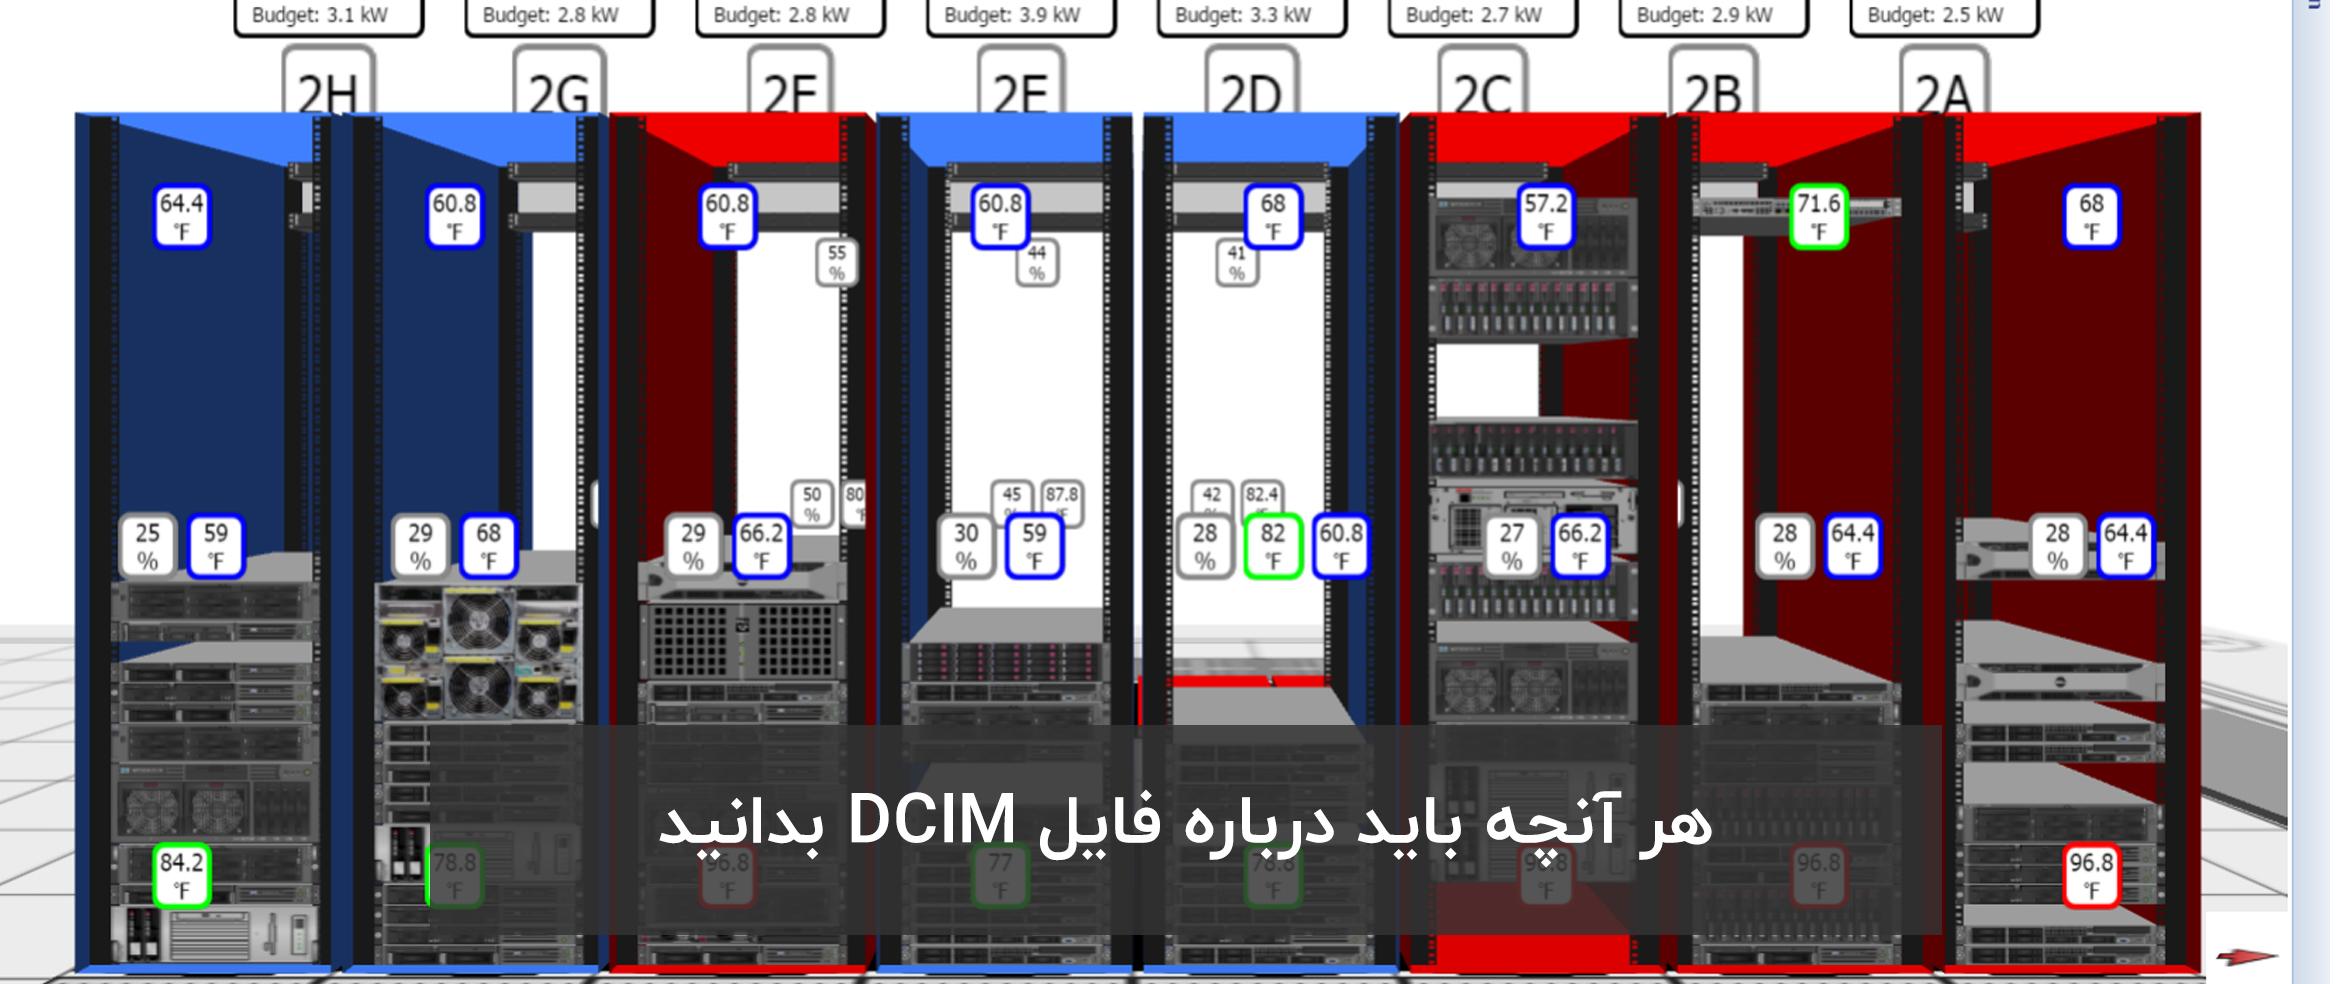 هر آنچه باید درباره فایل DCIM بدانید